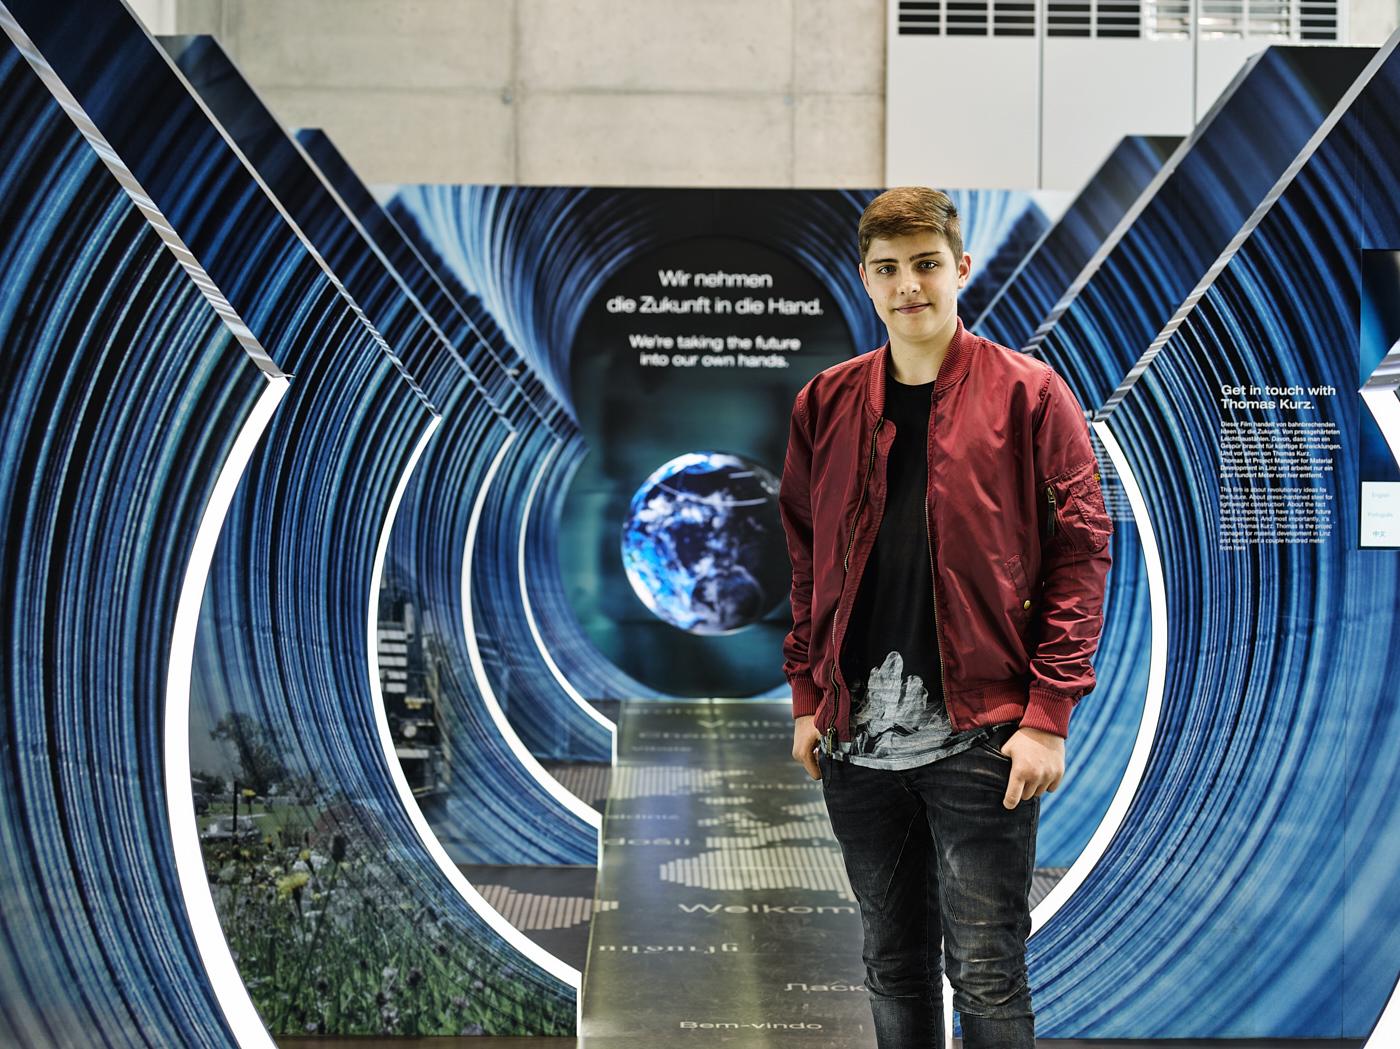 Fotostudio Wien - spezialisiert auf Business und Werbung